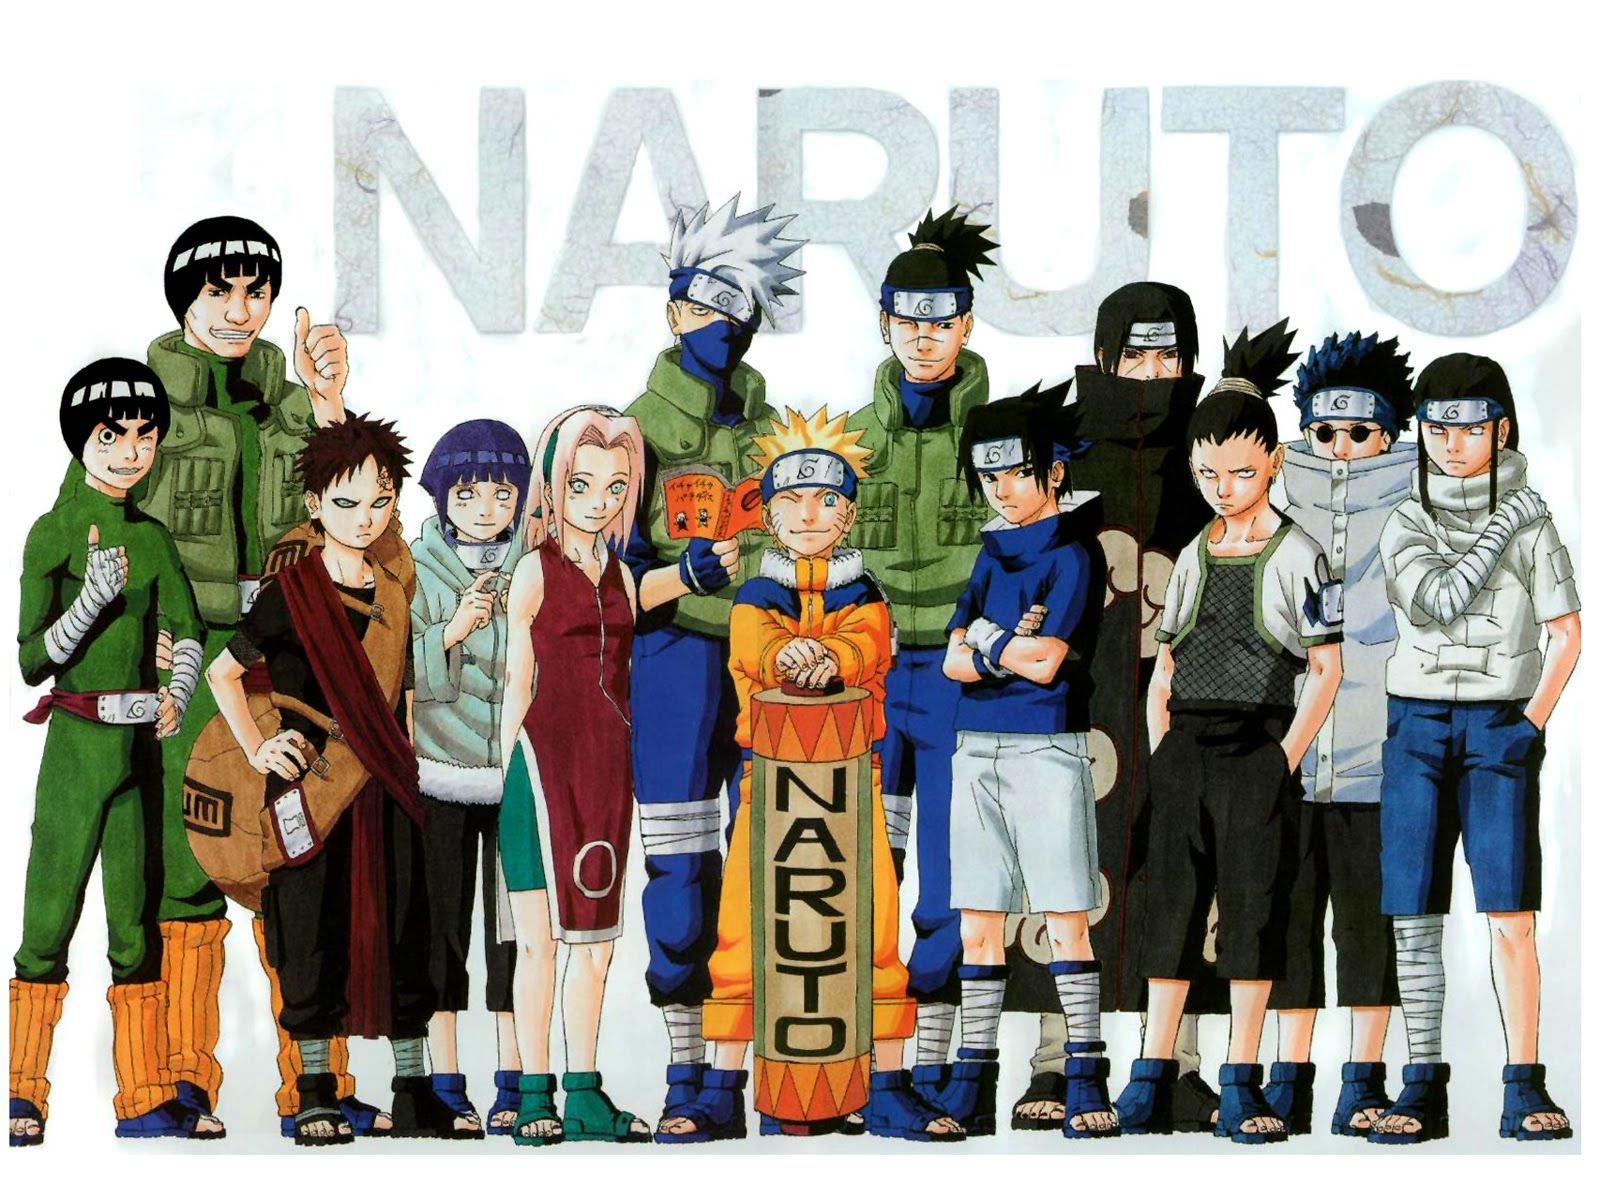 Anime Characters Naruto : All naruto character anime wallpaper